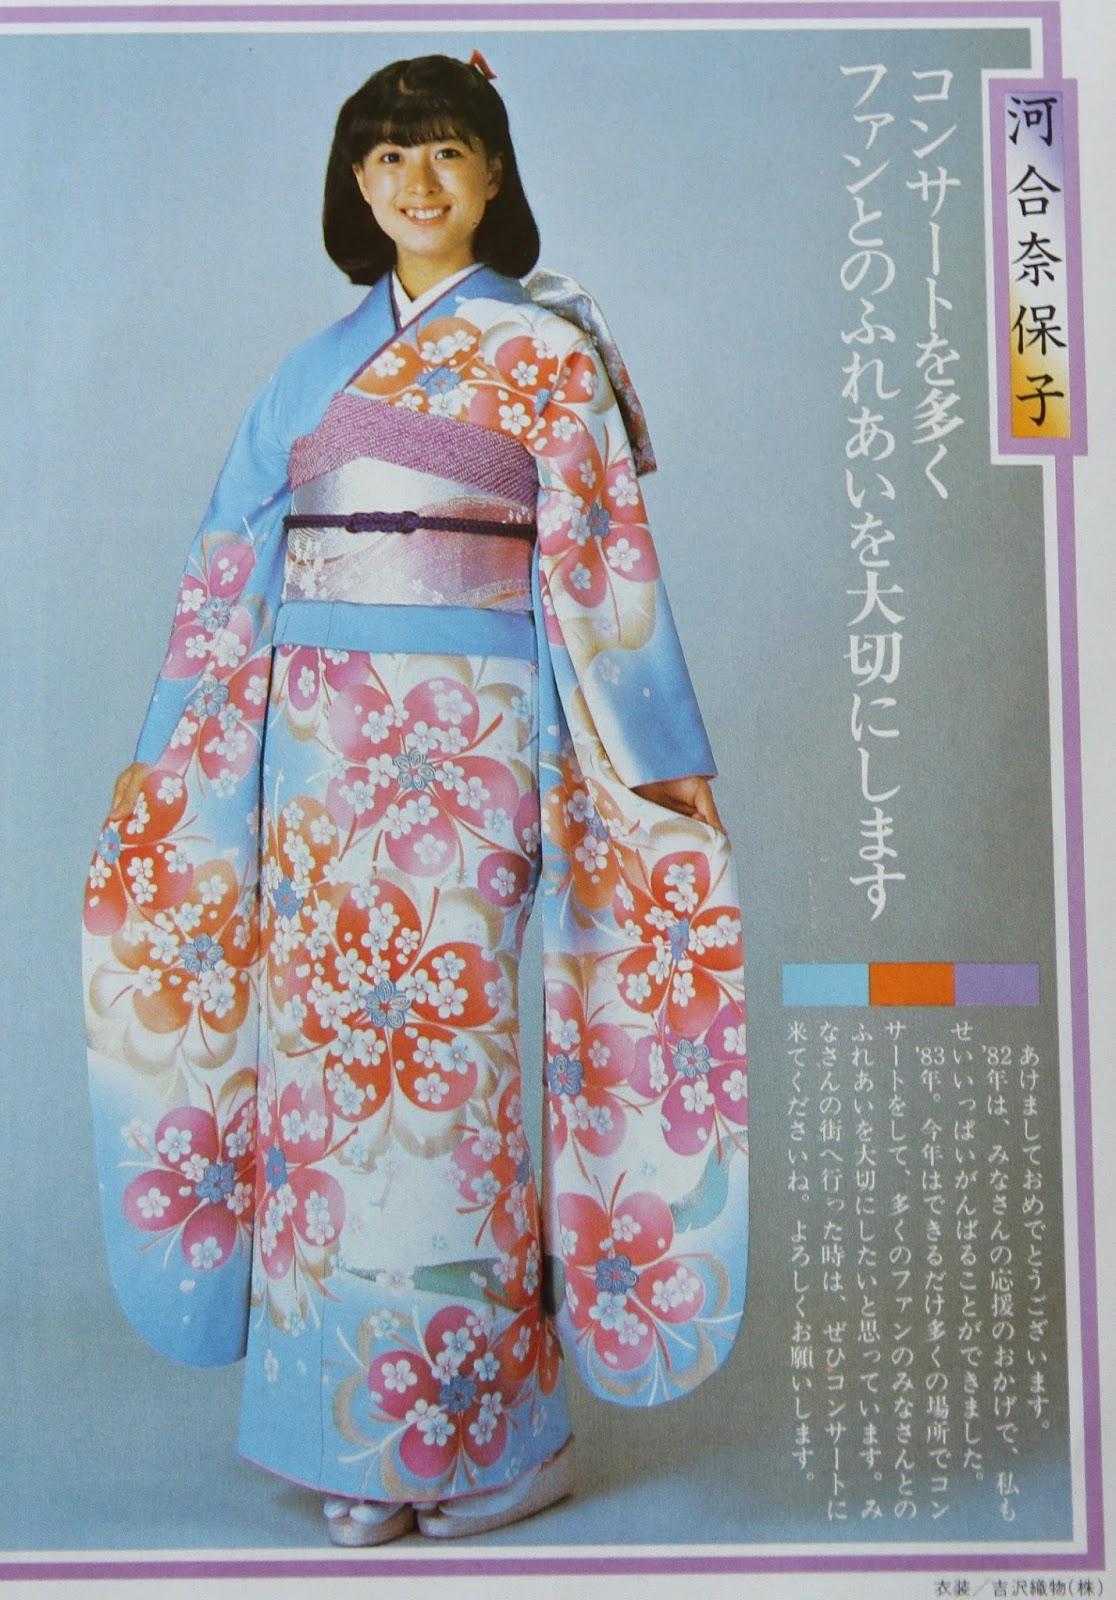 水色の生地に大きな花模様の着物を着る河合奈保子